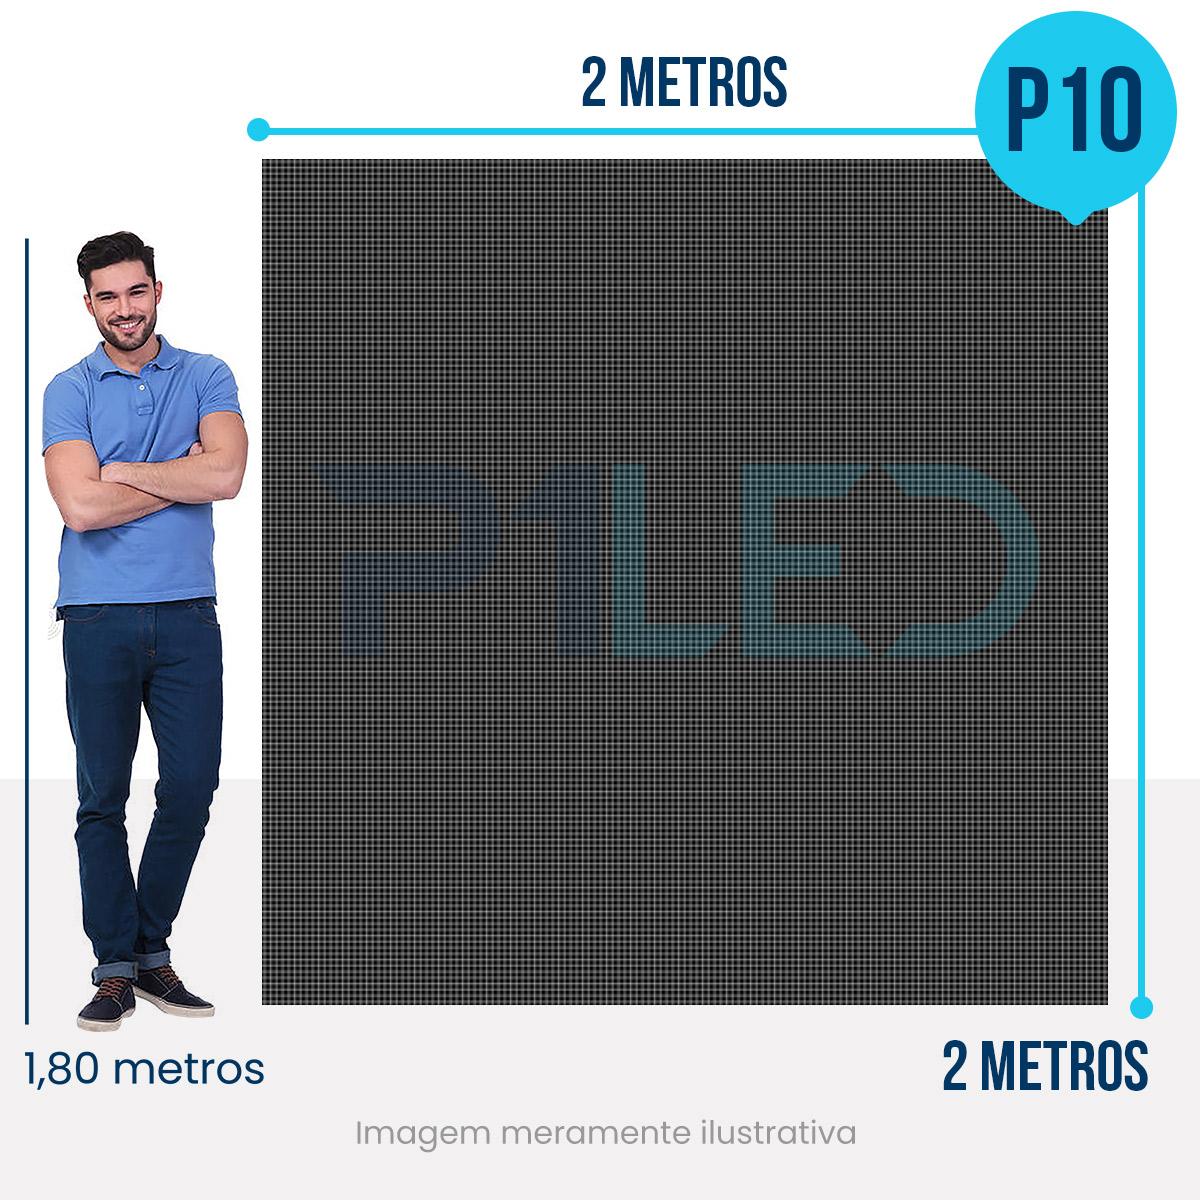 Painel de LED para Posto de Gasolina 2x2 - Telão P10 Outdoor  - Painel e Telão de LED - O Melhor Preço em Painel de LED | P1LED